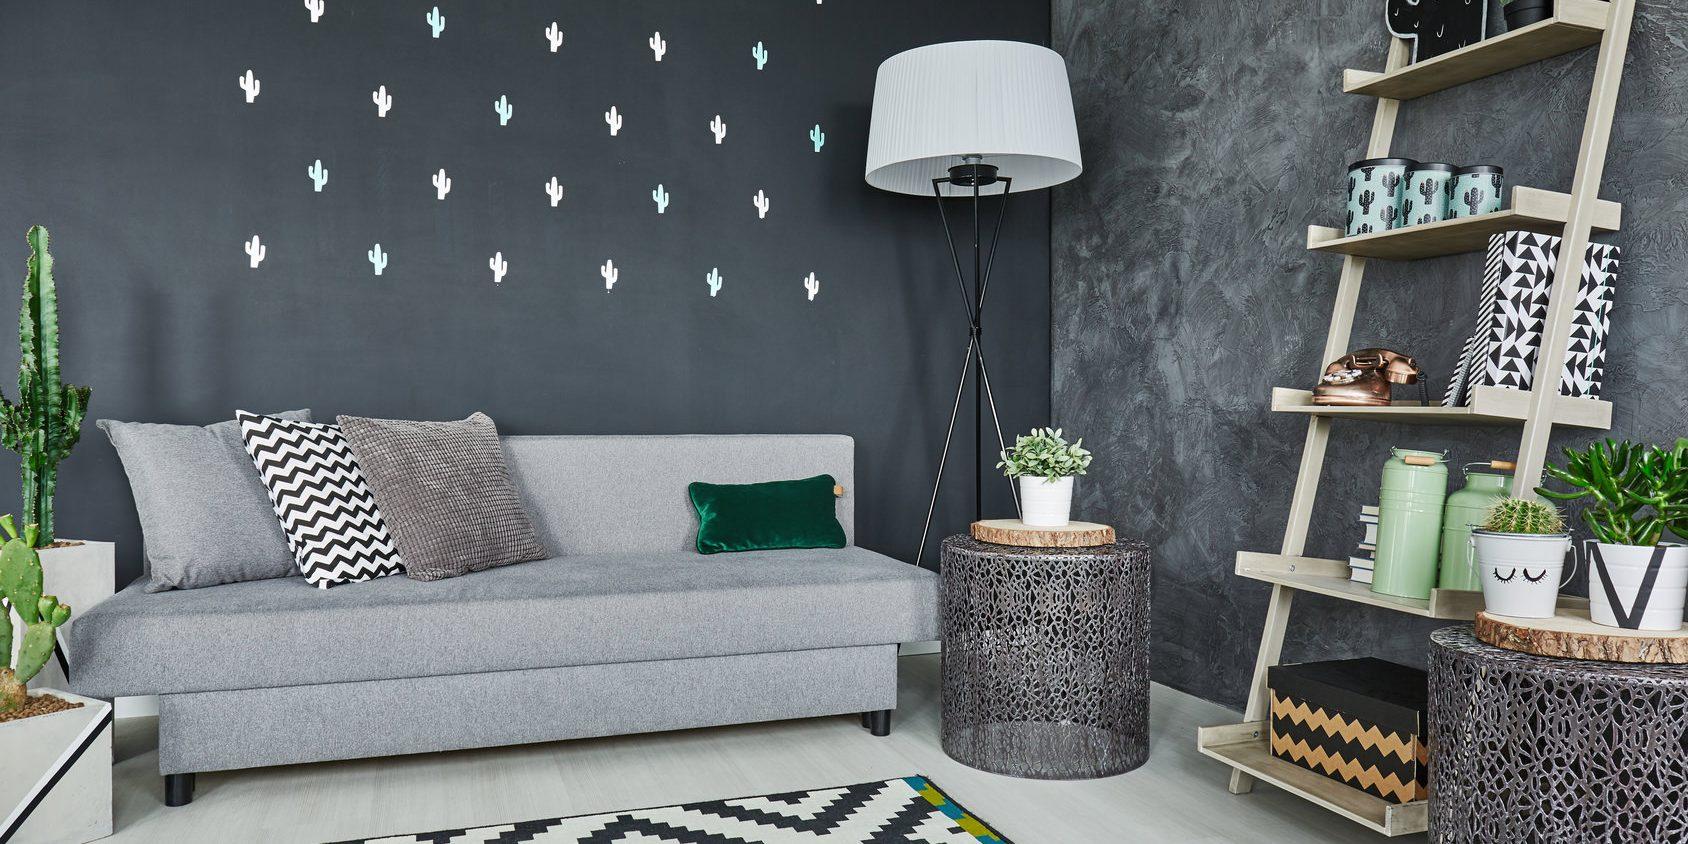 Les avantages de la location meubl e - Avantages fiscaux location meublee ...